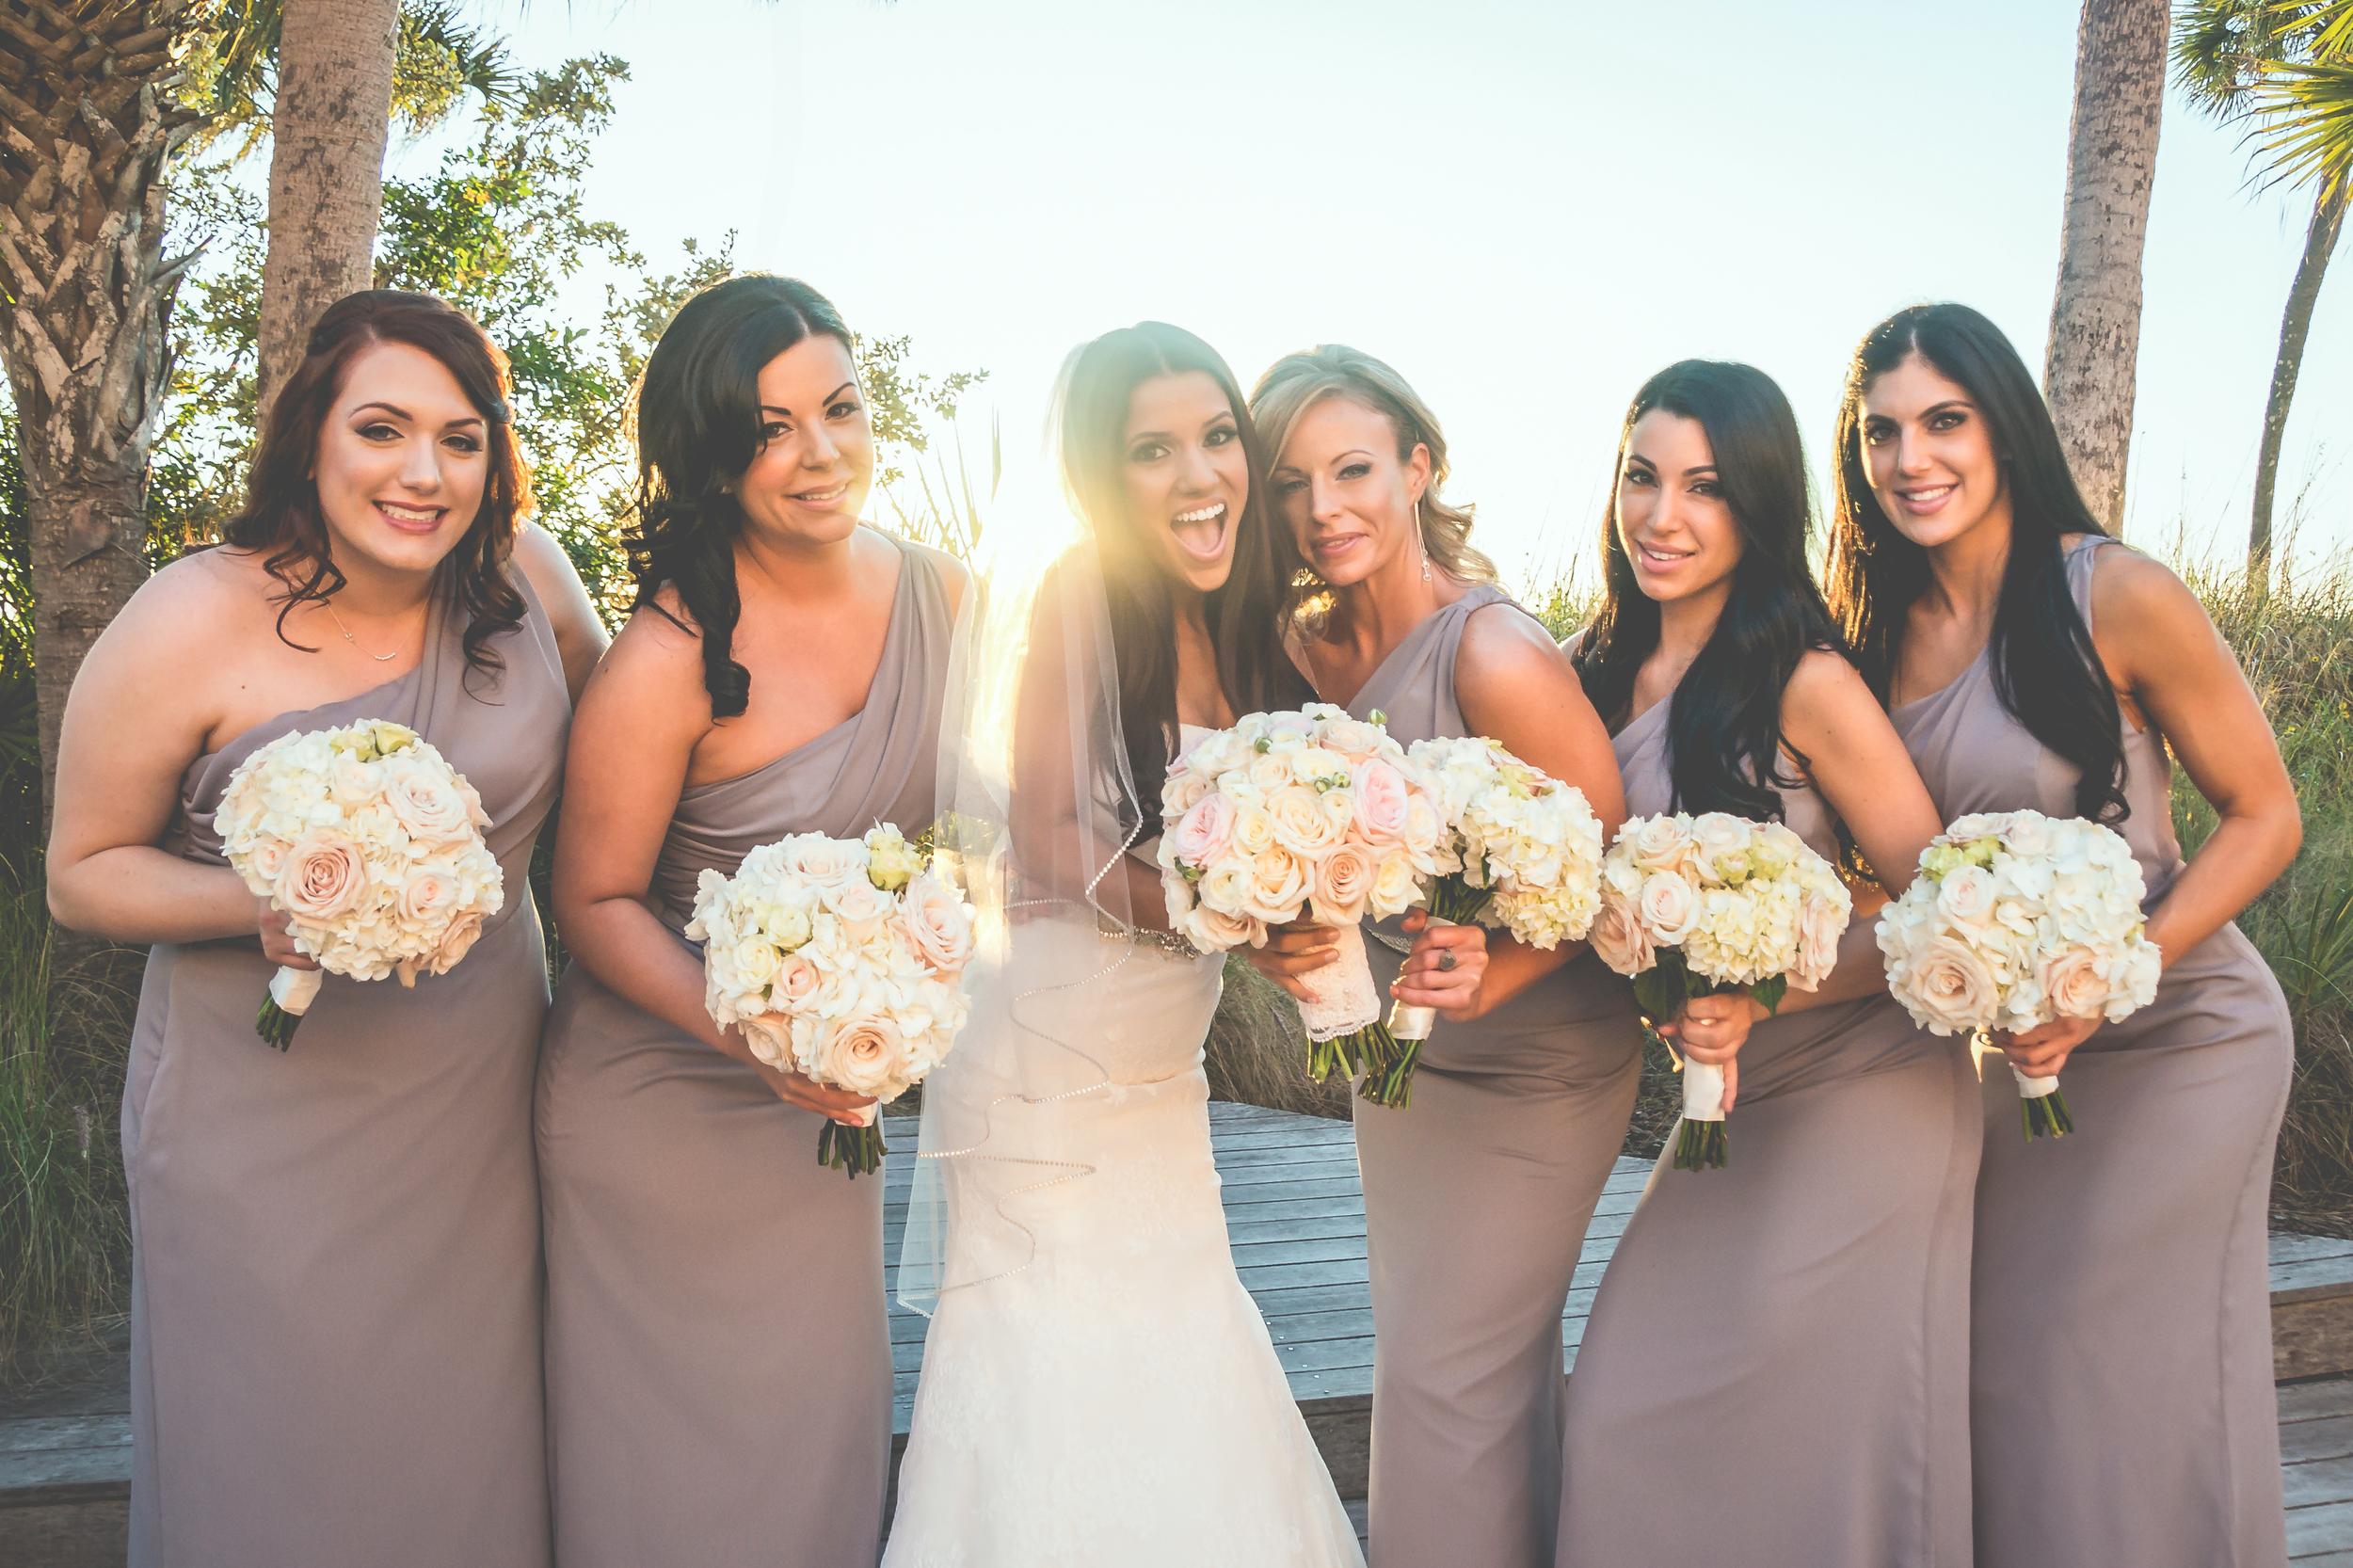 Jim Hjelm Bridesmaid Dresses from Bella Bridesmaids